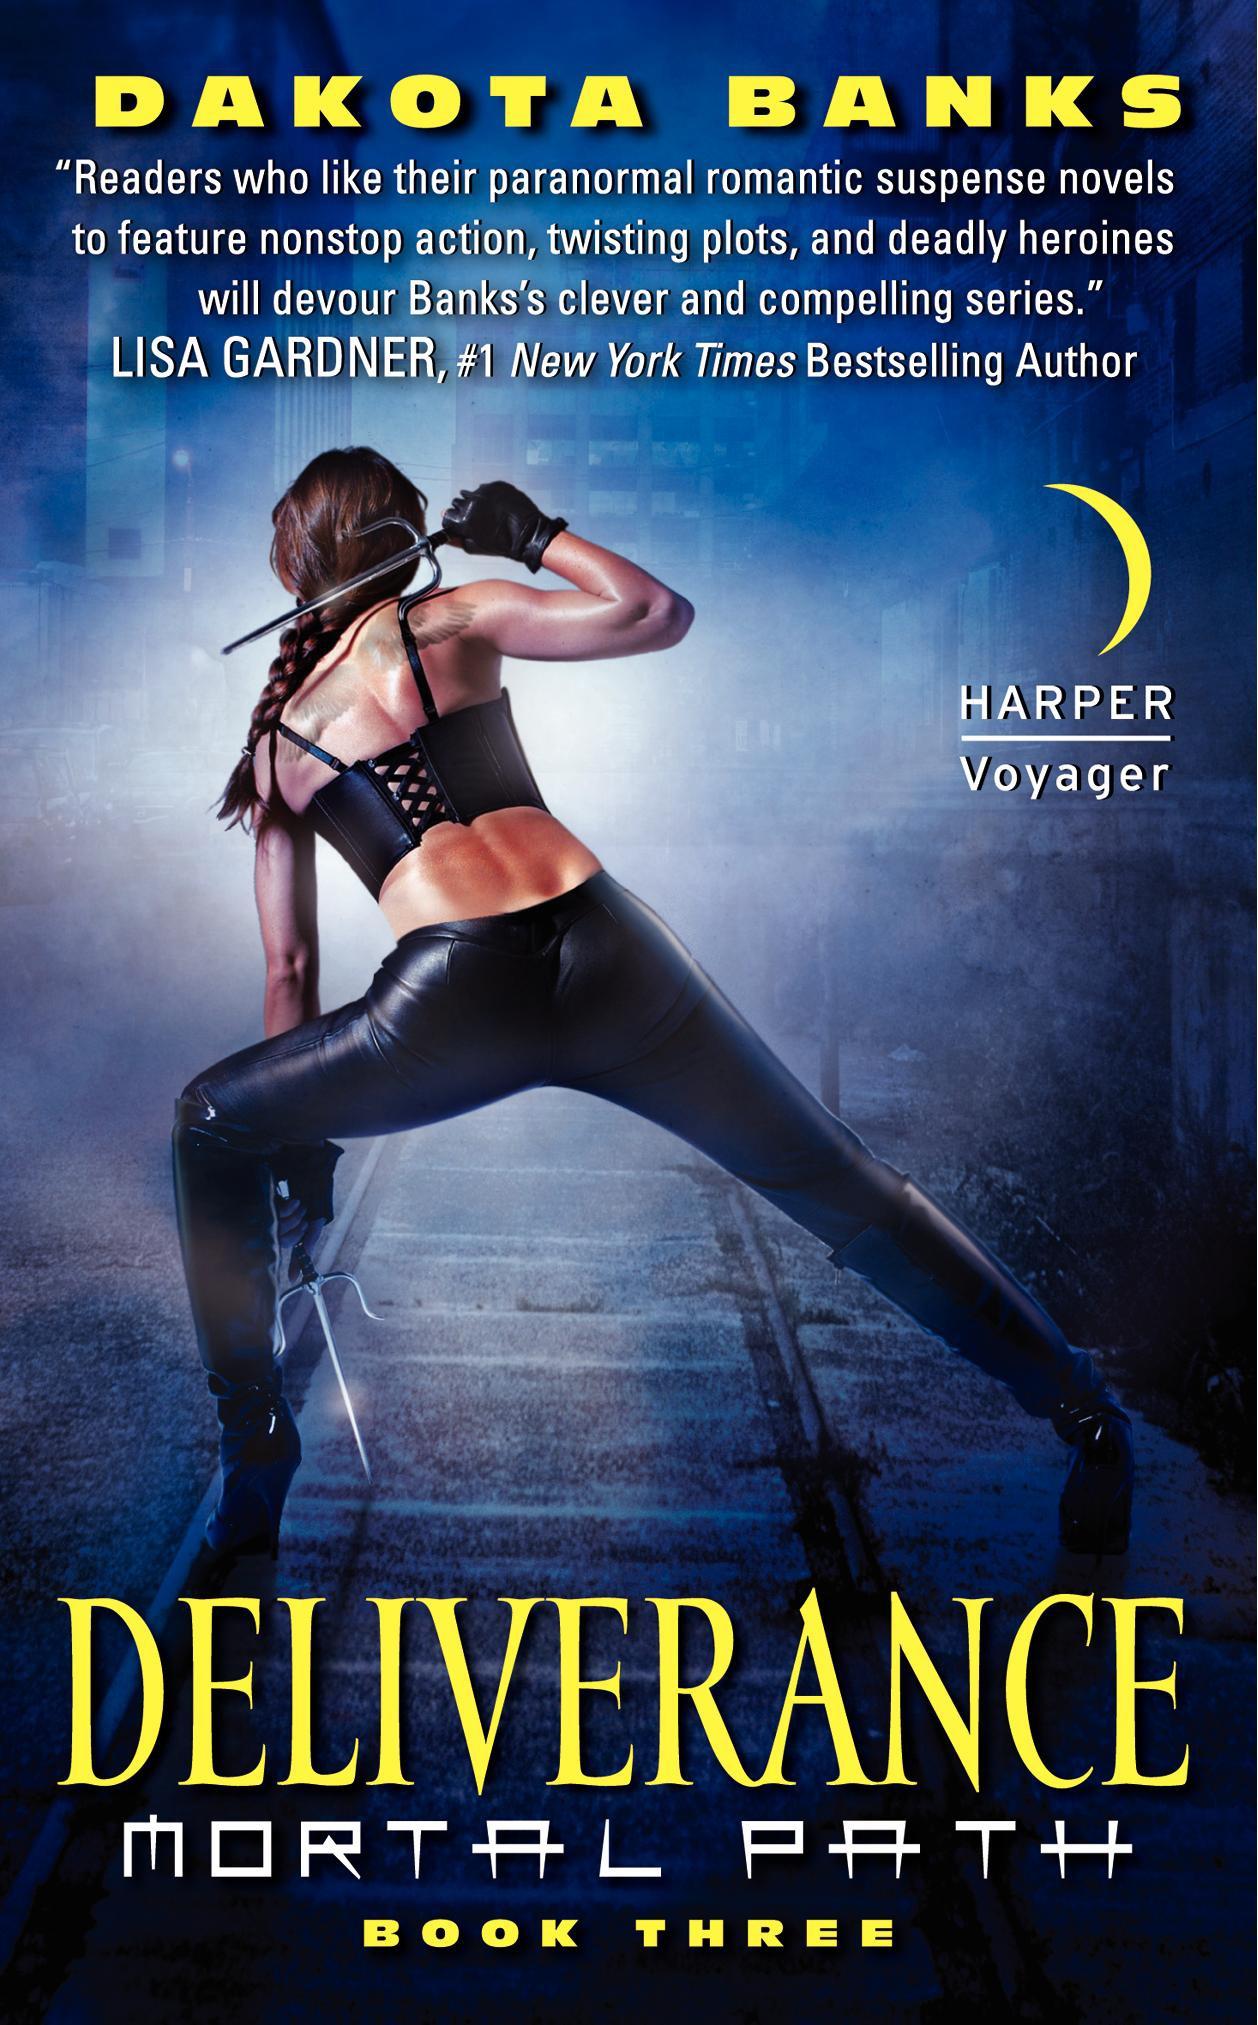 Deliverance 1258x2025 300dpi